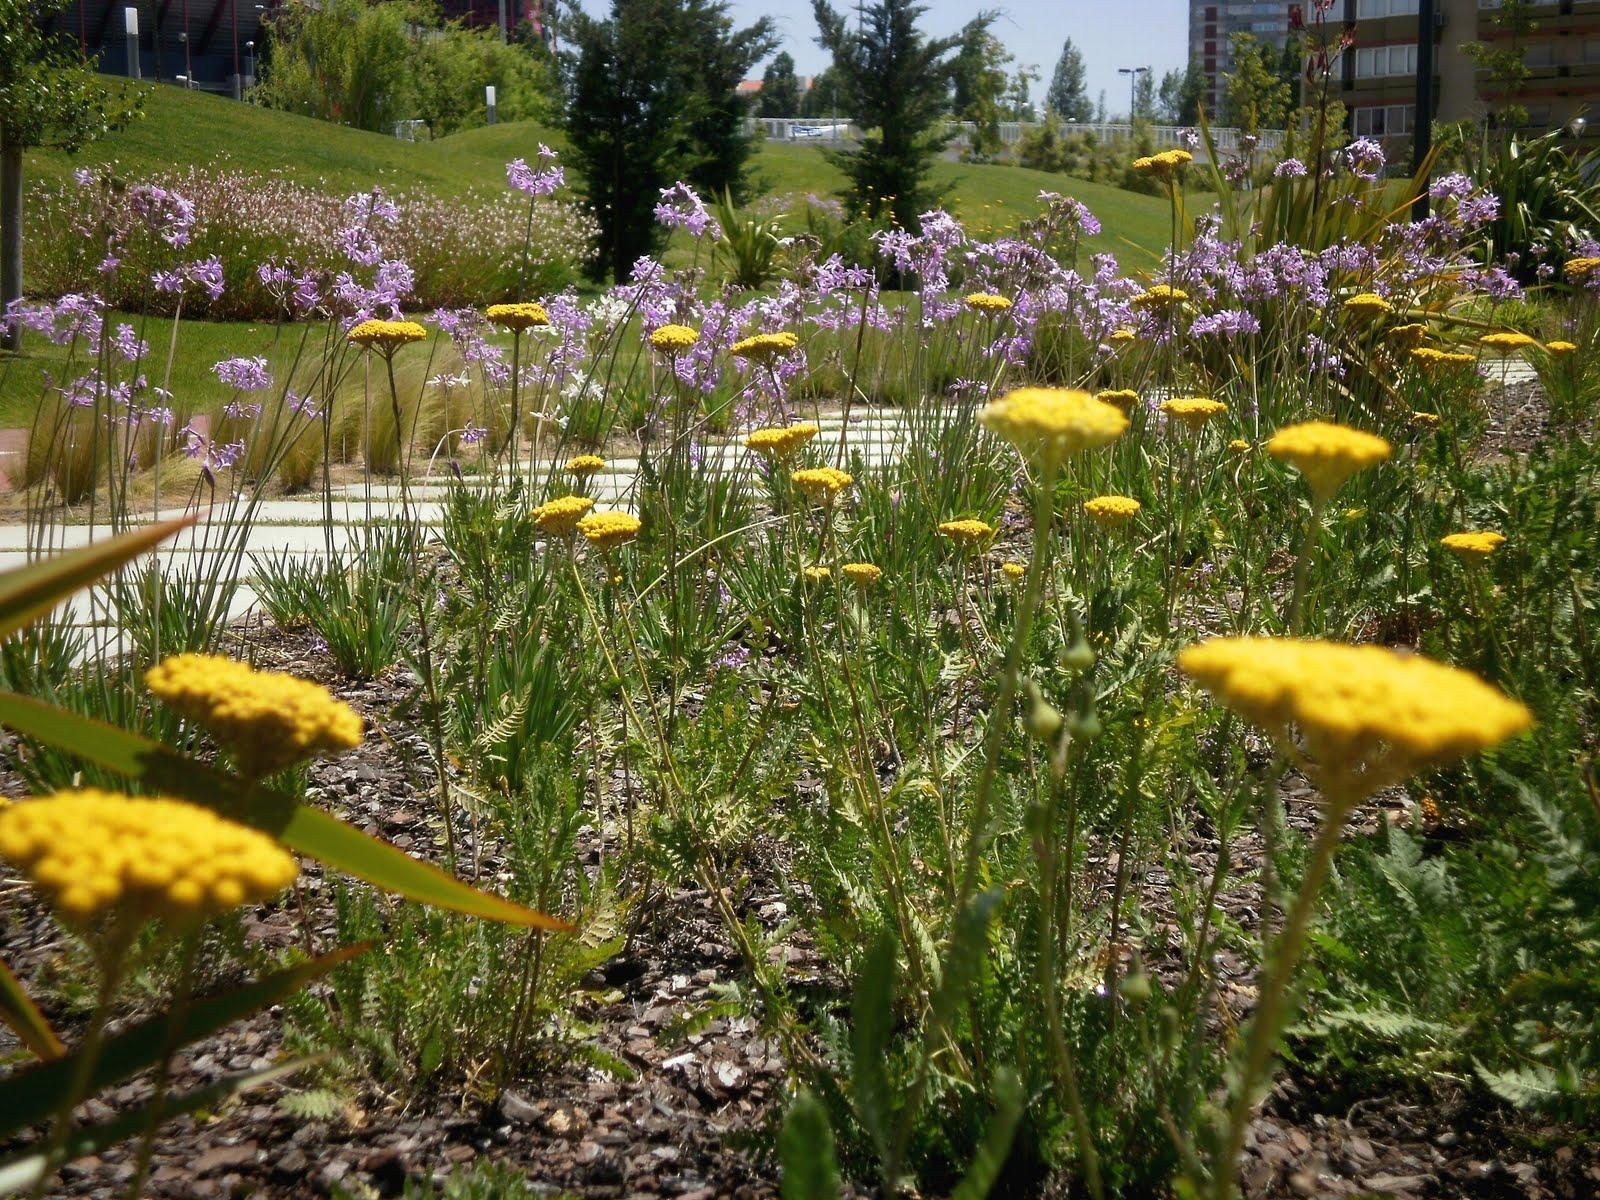 plantas bordaduras jardimCores do final da Primavera